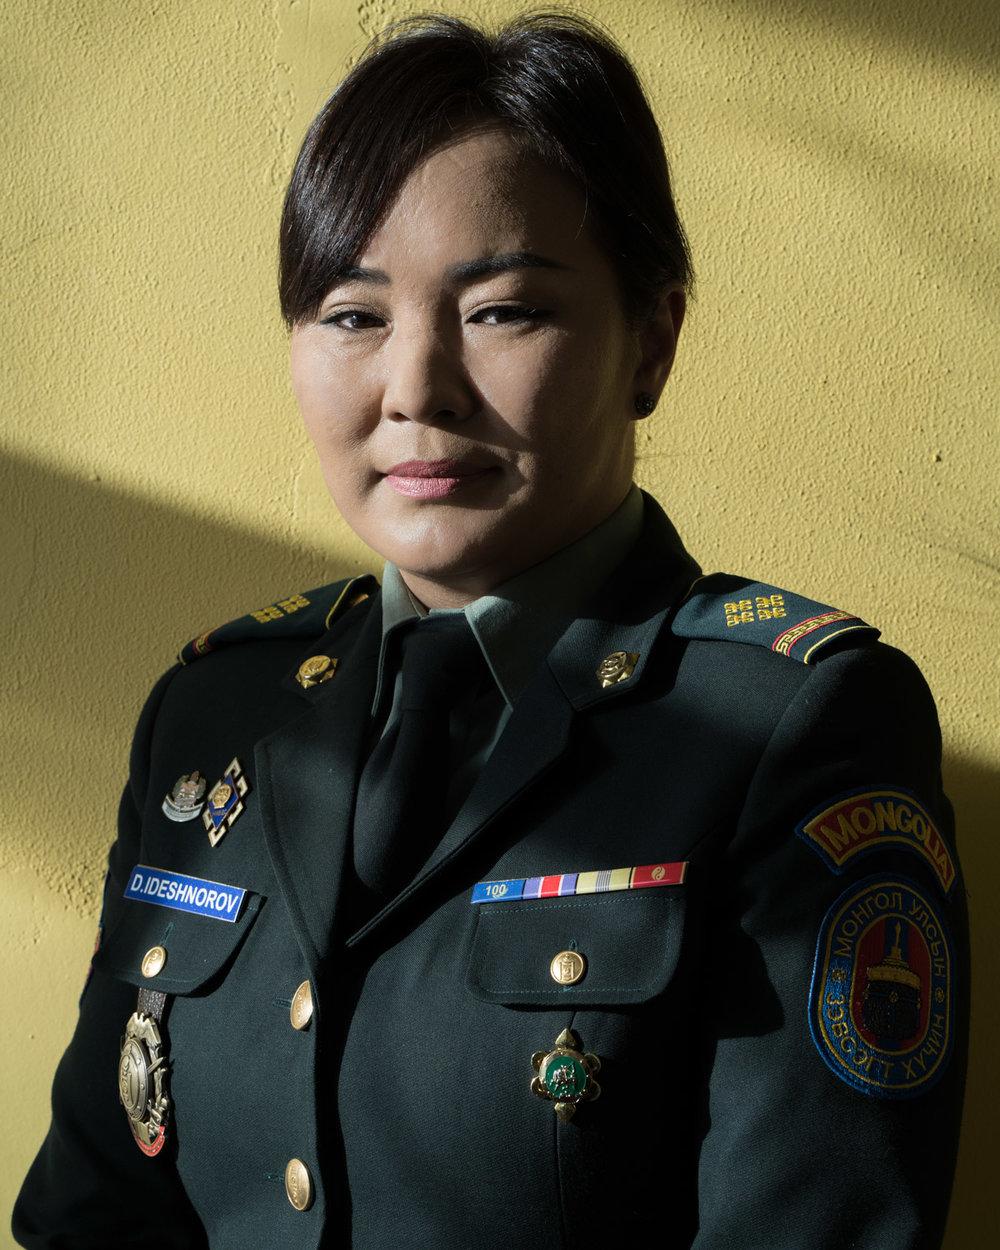 Nato Officer